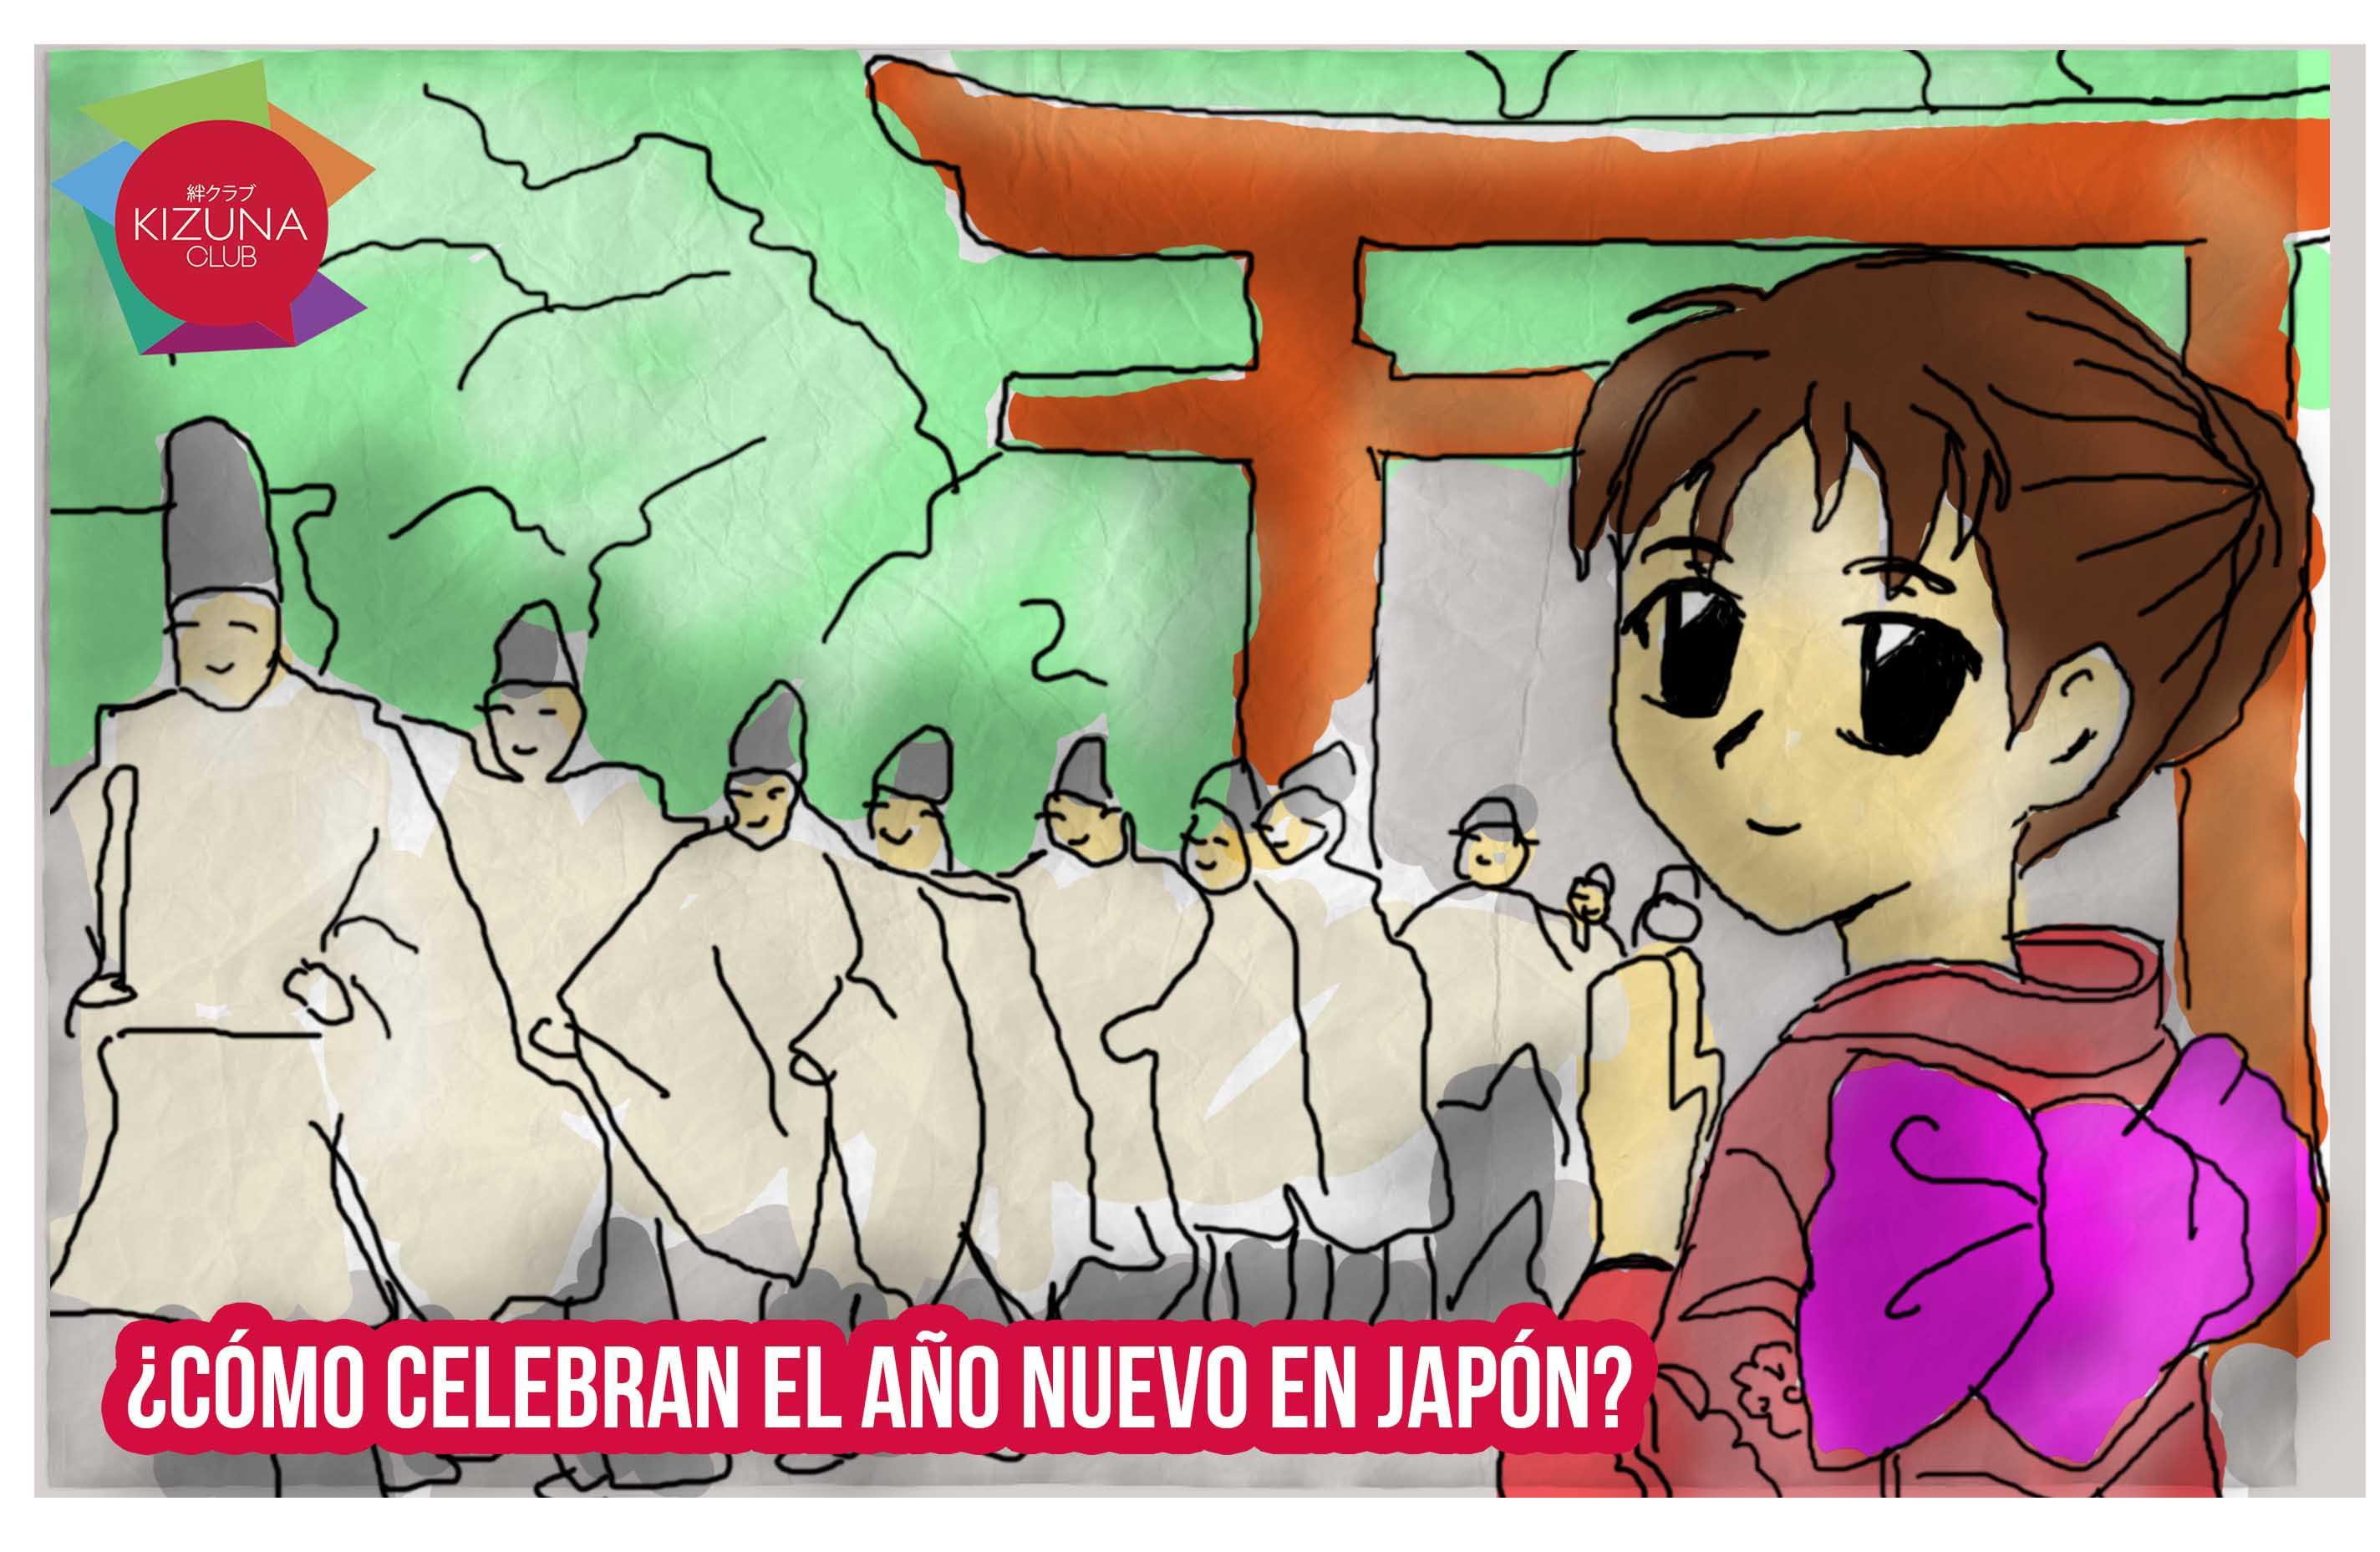 10 datos curiosos sobre el año nuevo en Japón